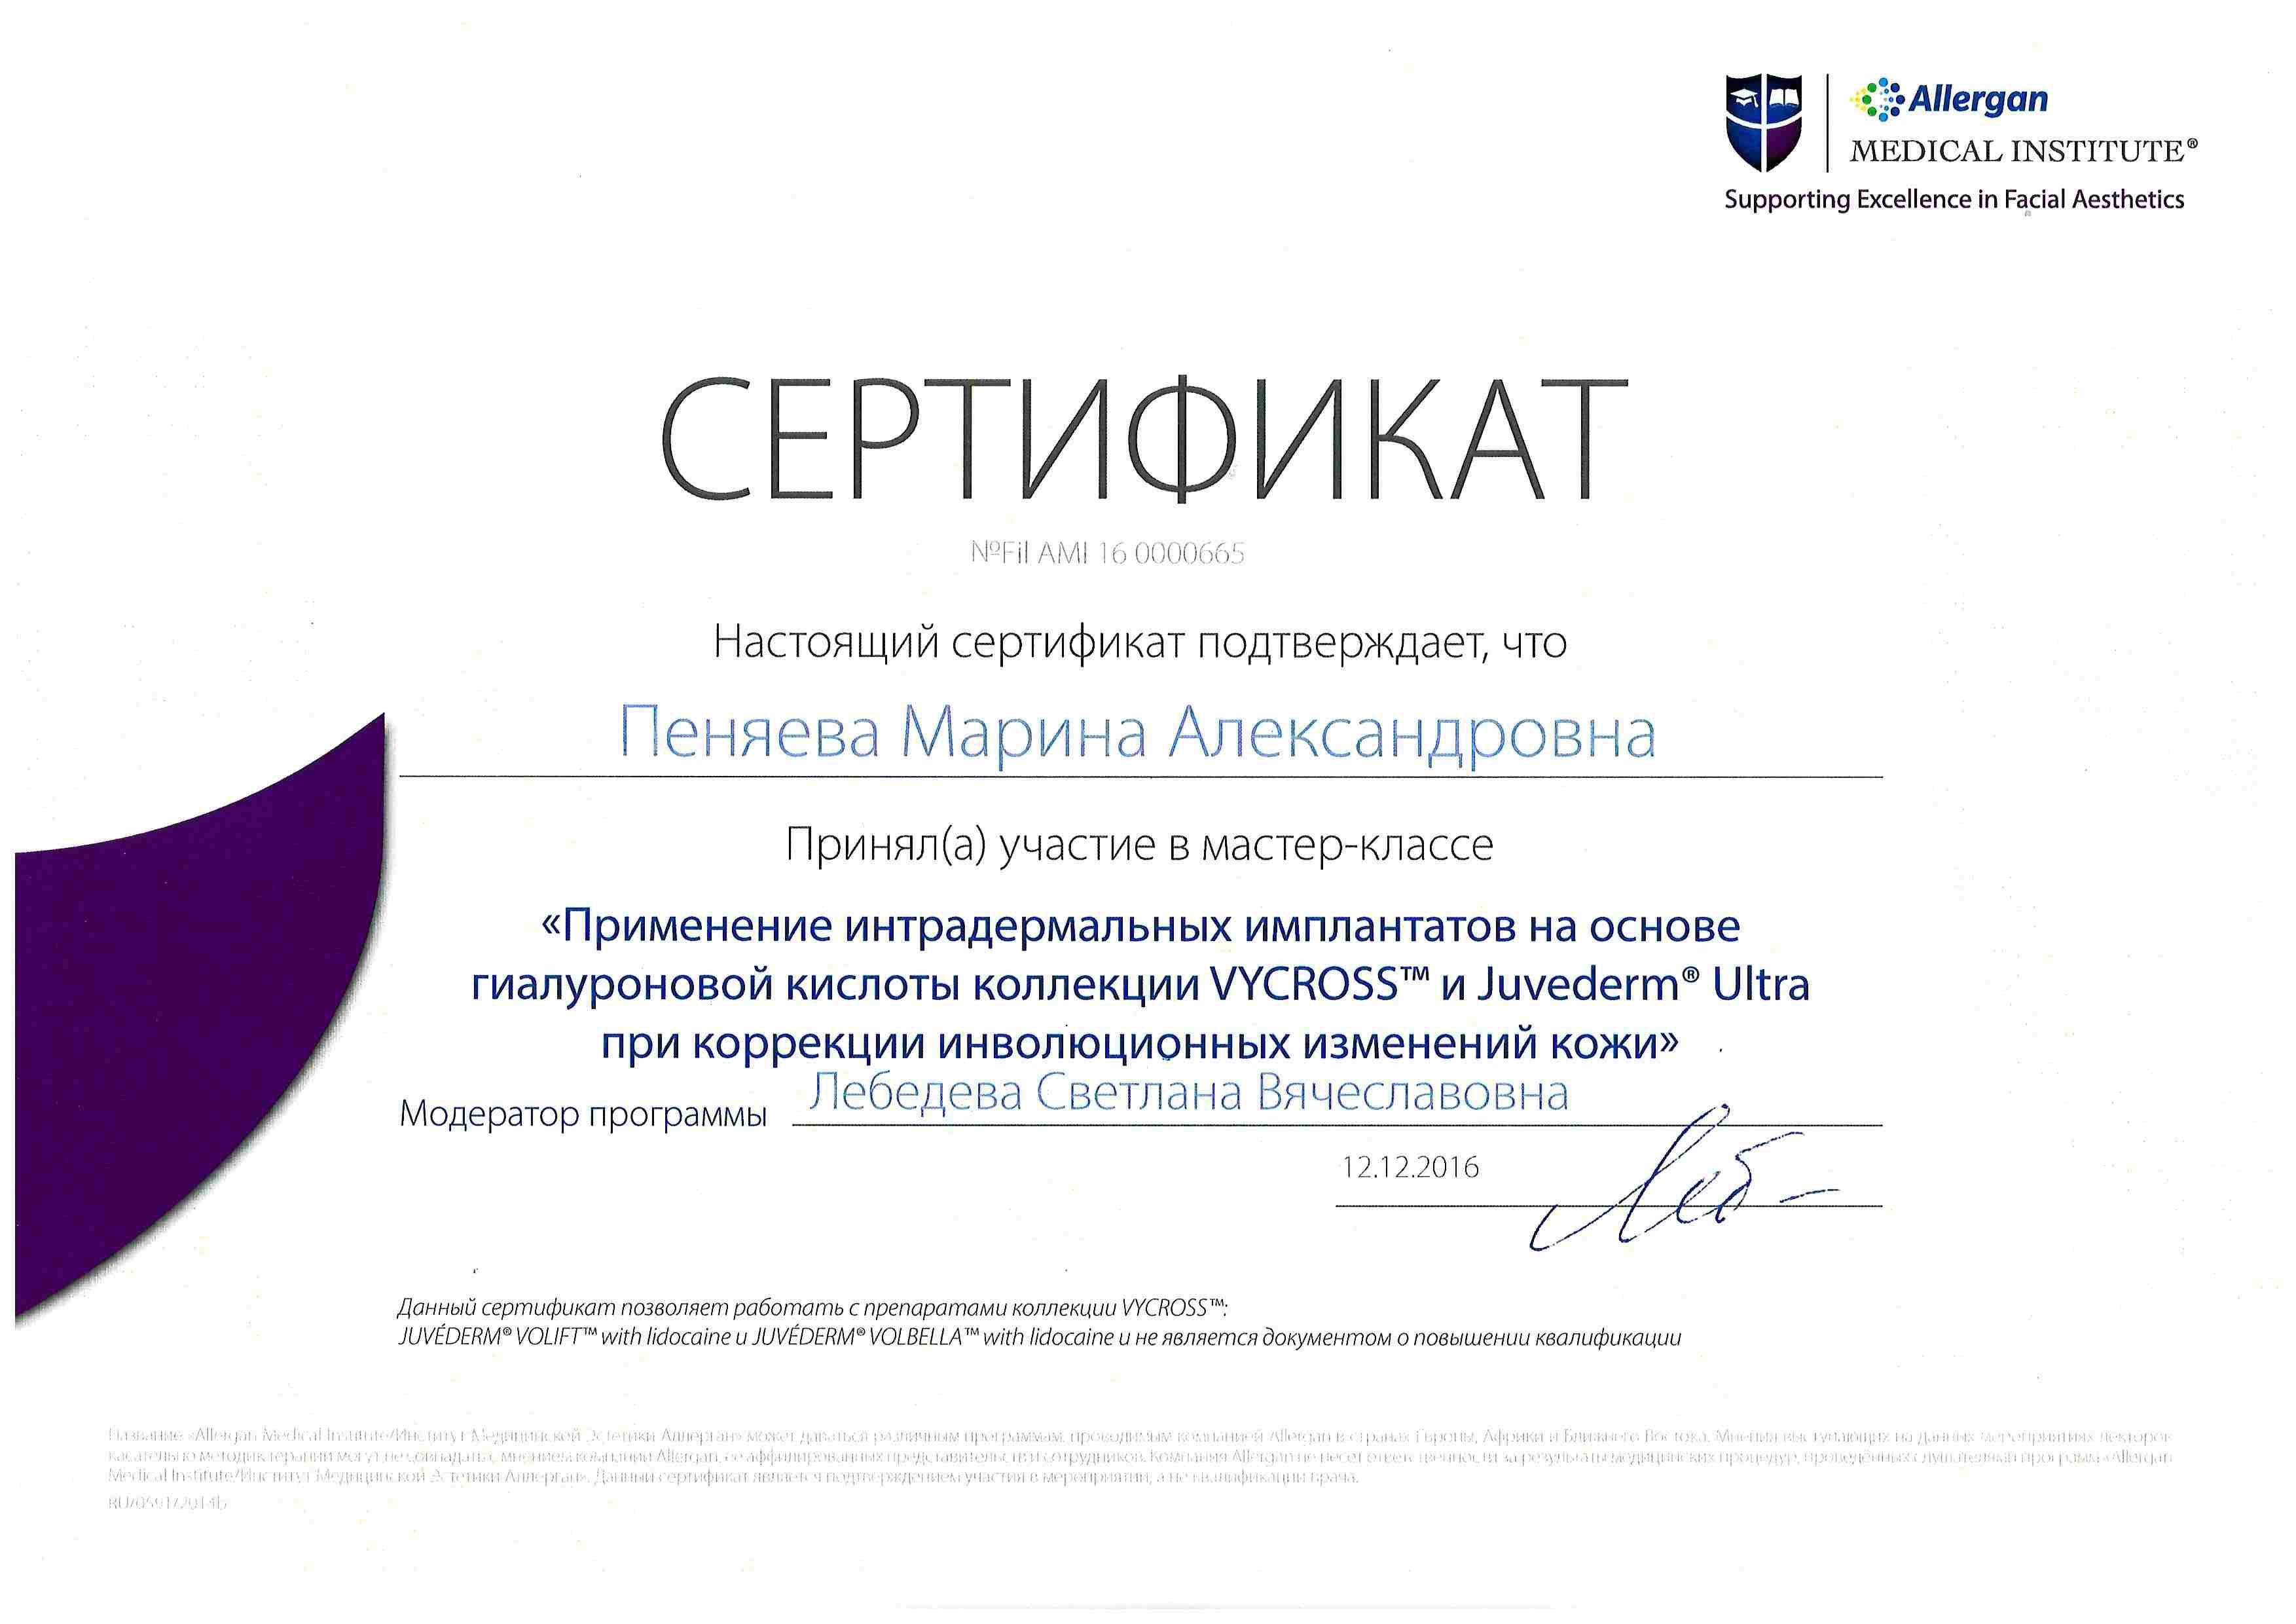 Сертификат — Применение интрадермальных имплантатов. Пеняева Марина Александровна